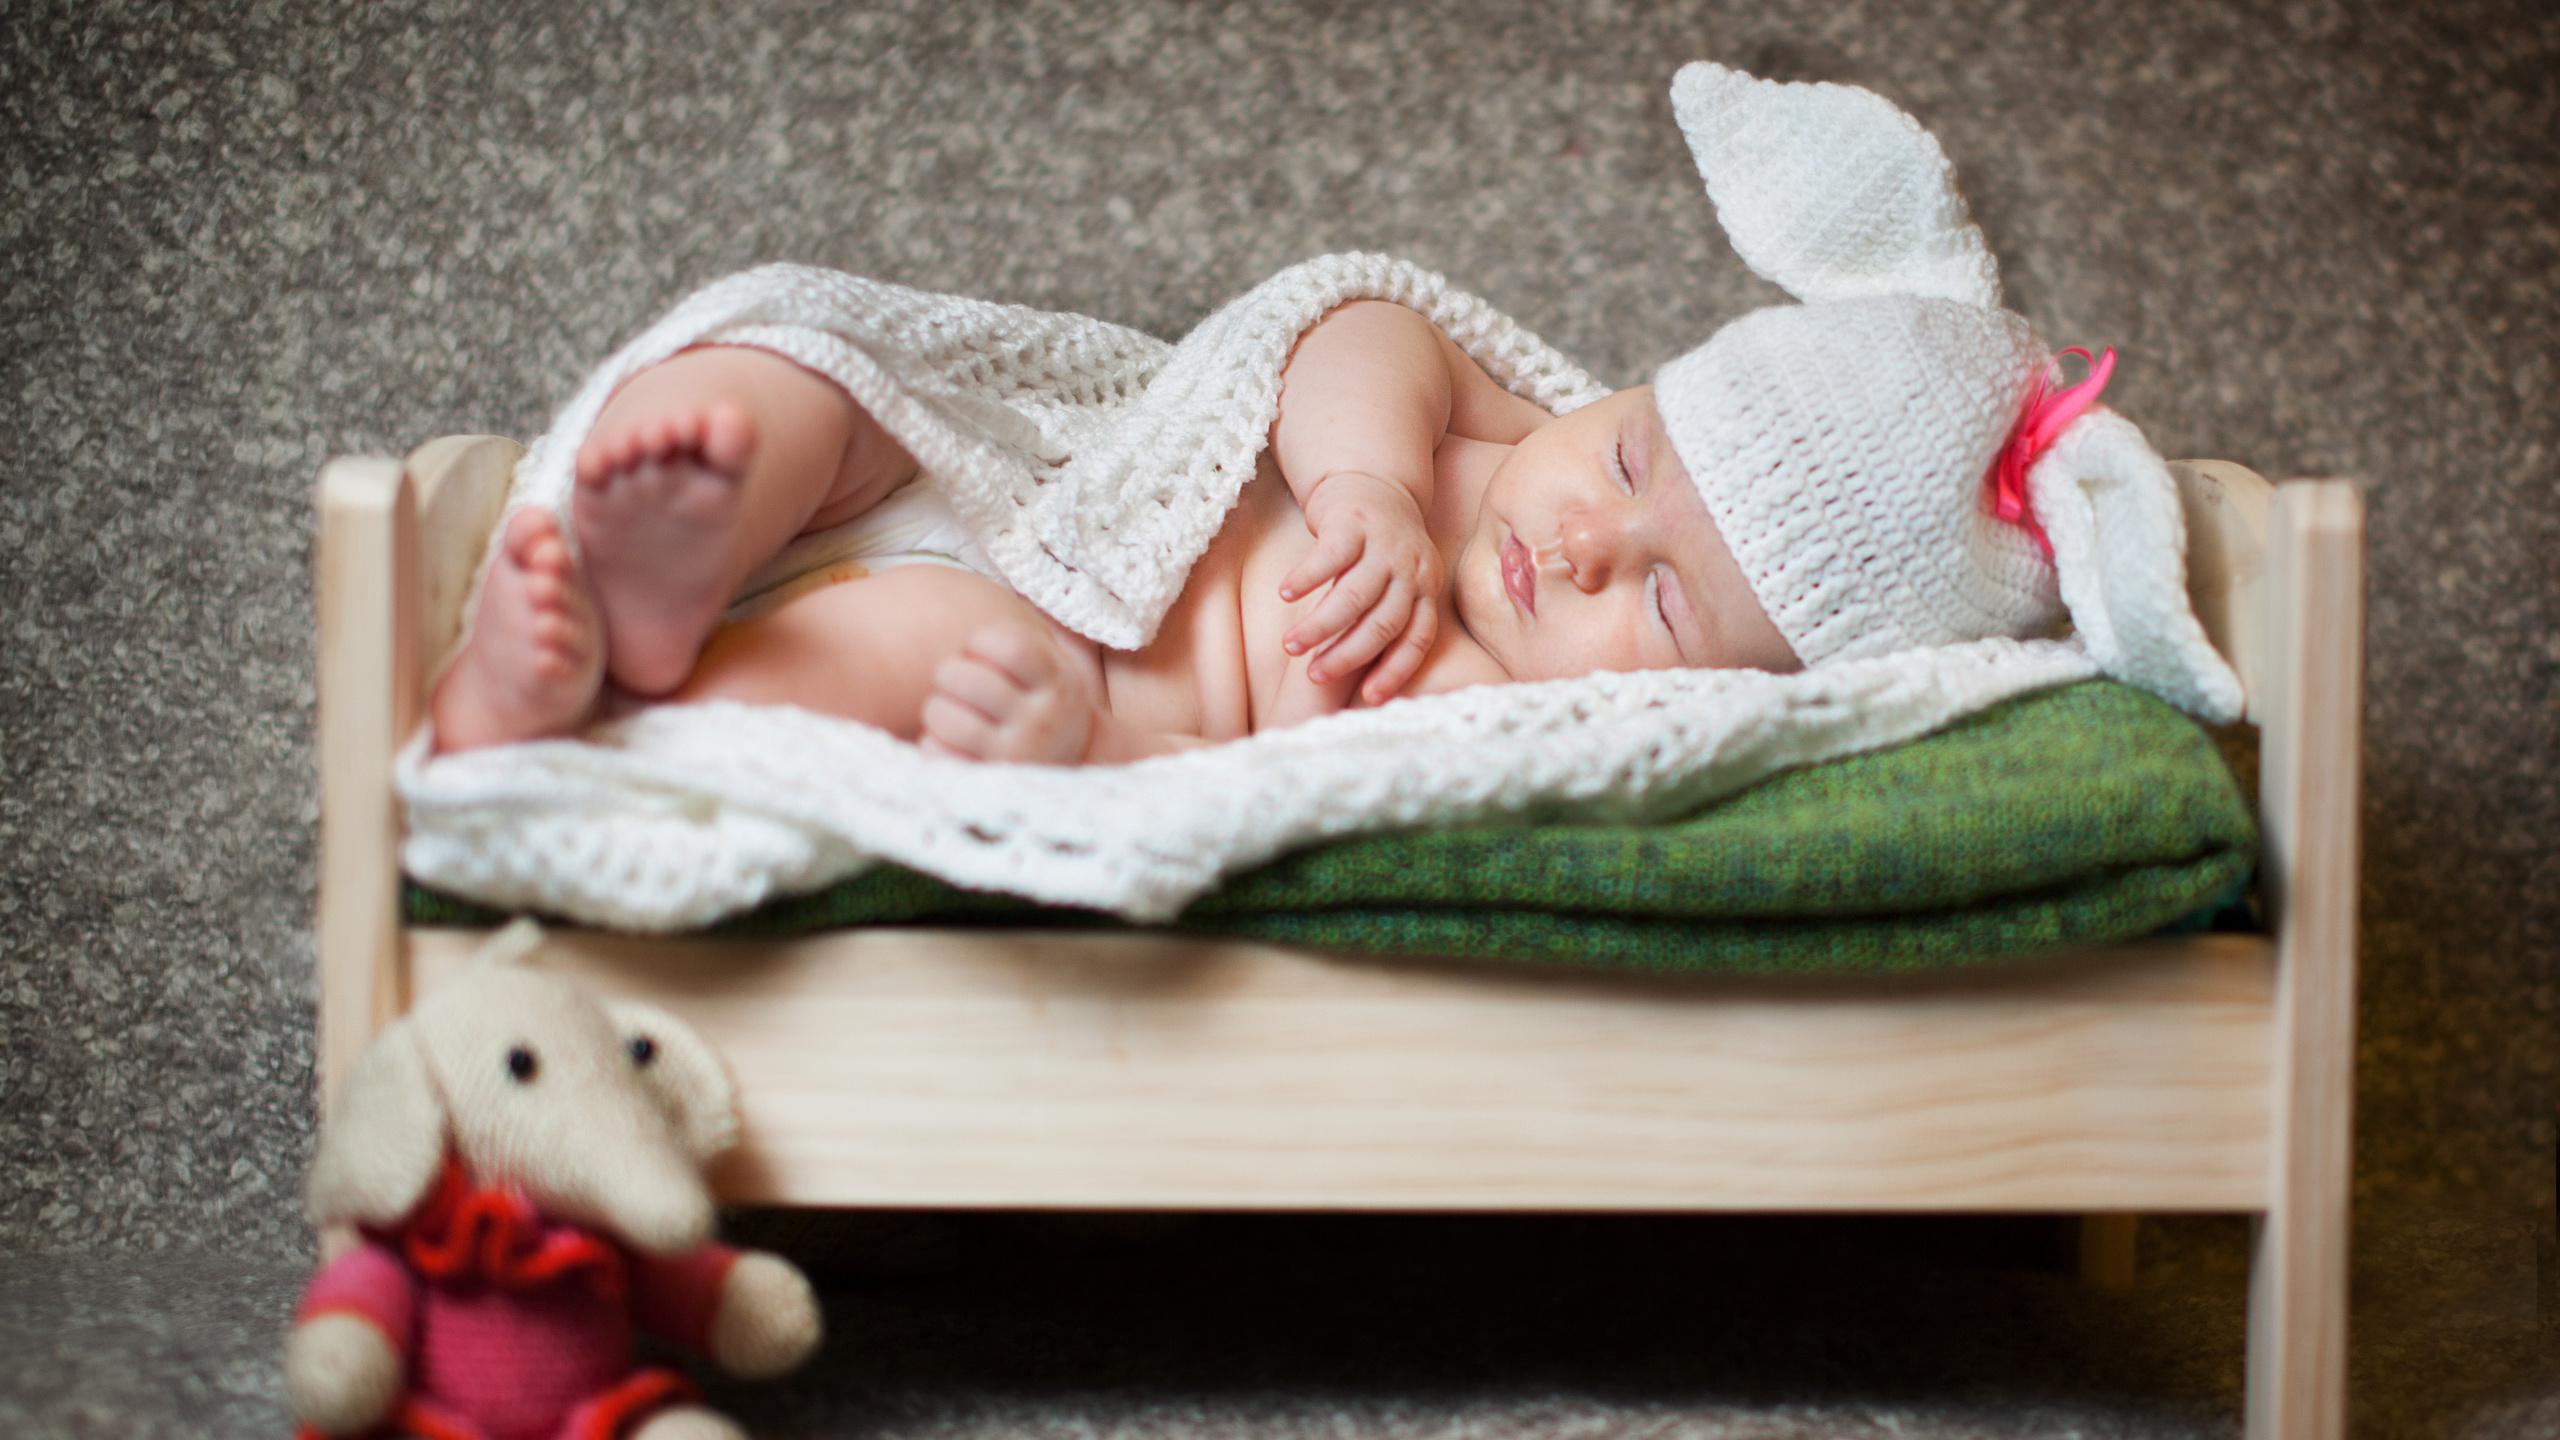 Дедом, картинки новорожденного ребенка в кроватки